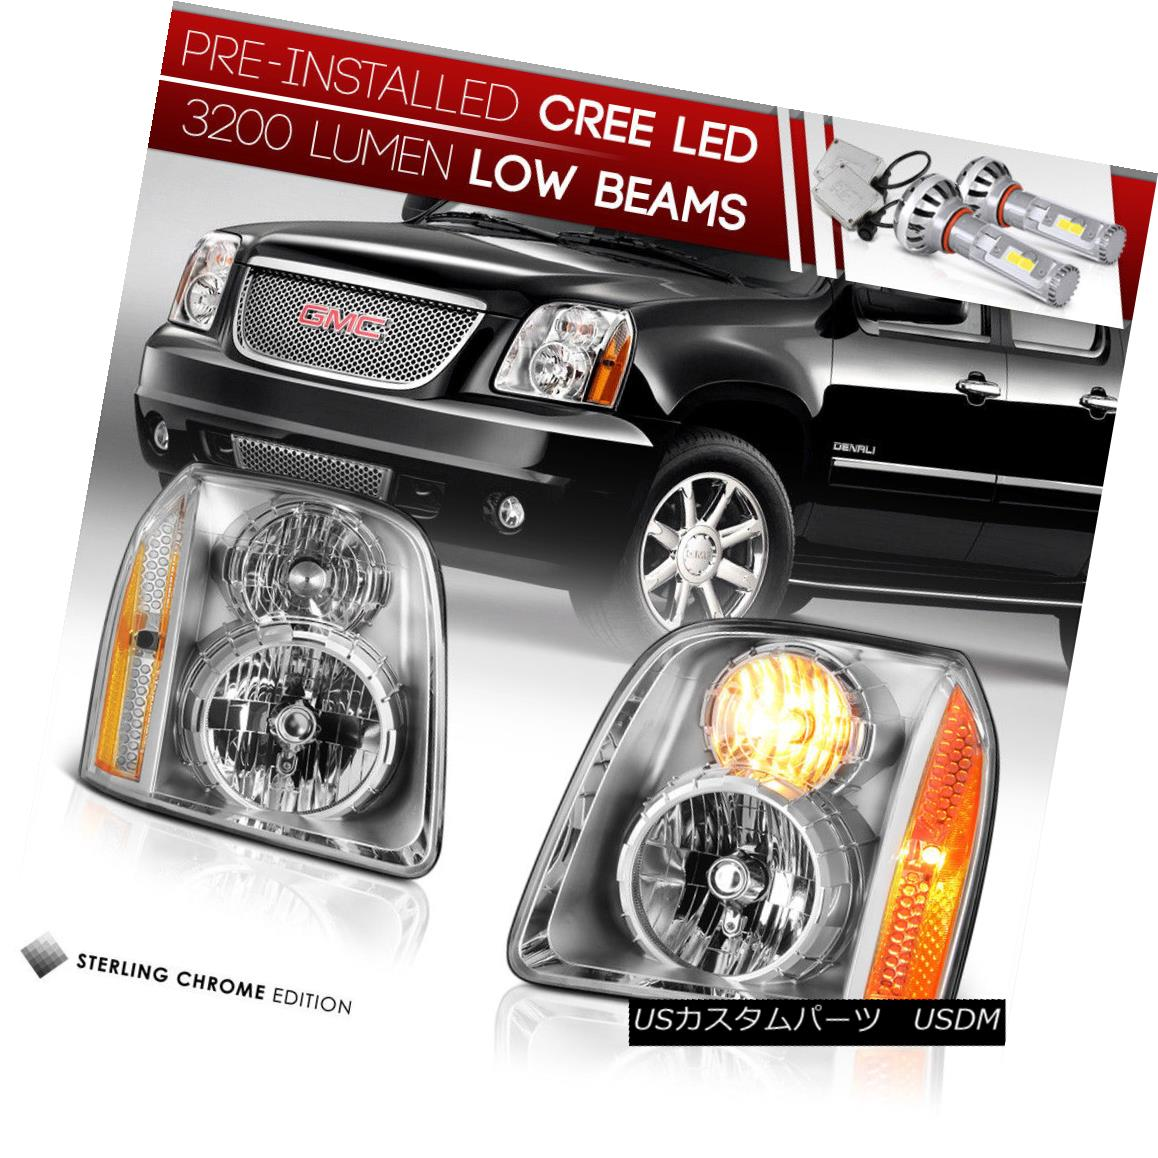 ヘッドライト !Built-In LED Low Beam! 2007-2014 GMC Yukon Headlights Replacement Lamp Pair XL !内蔵LED低ビーム! 2007-2014 GMC Yukonヘッドライト交換用ランプペアXL